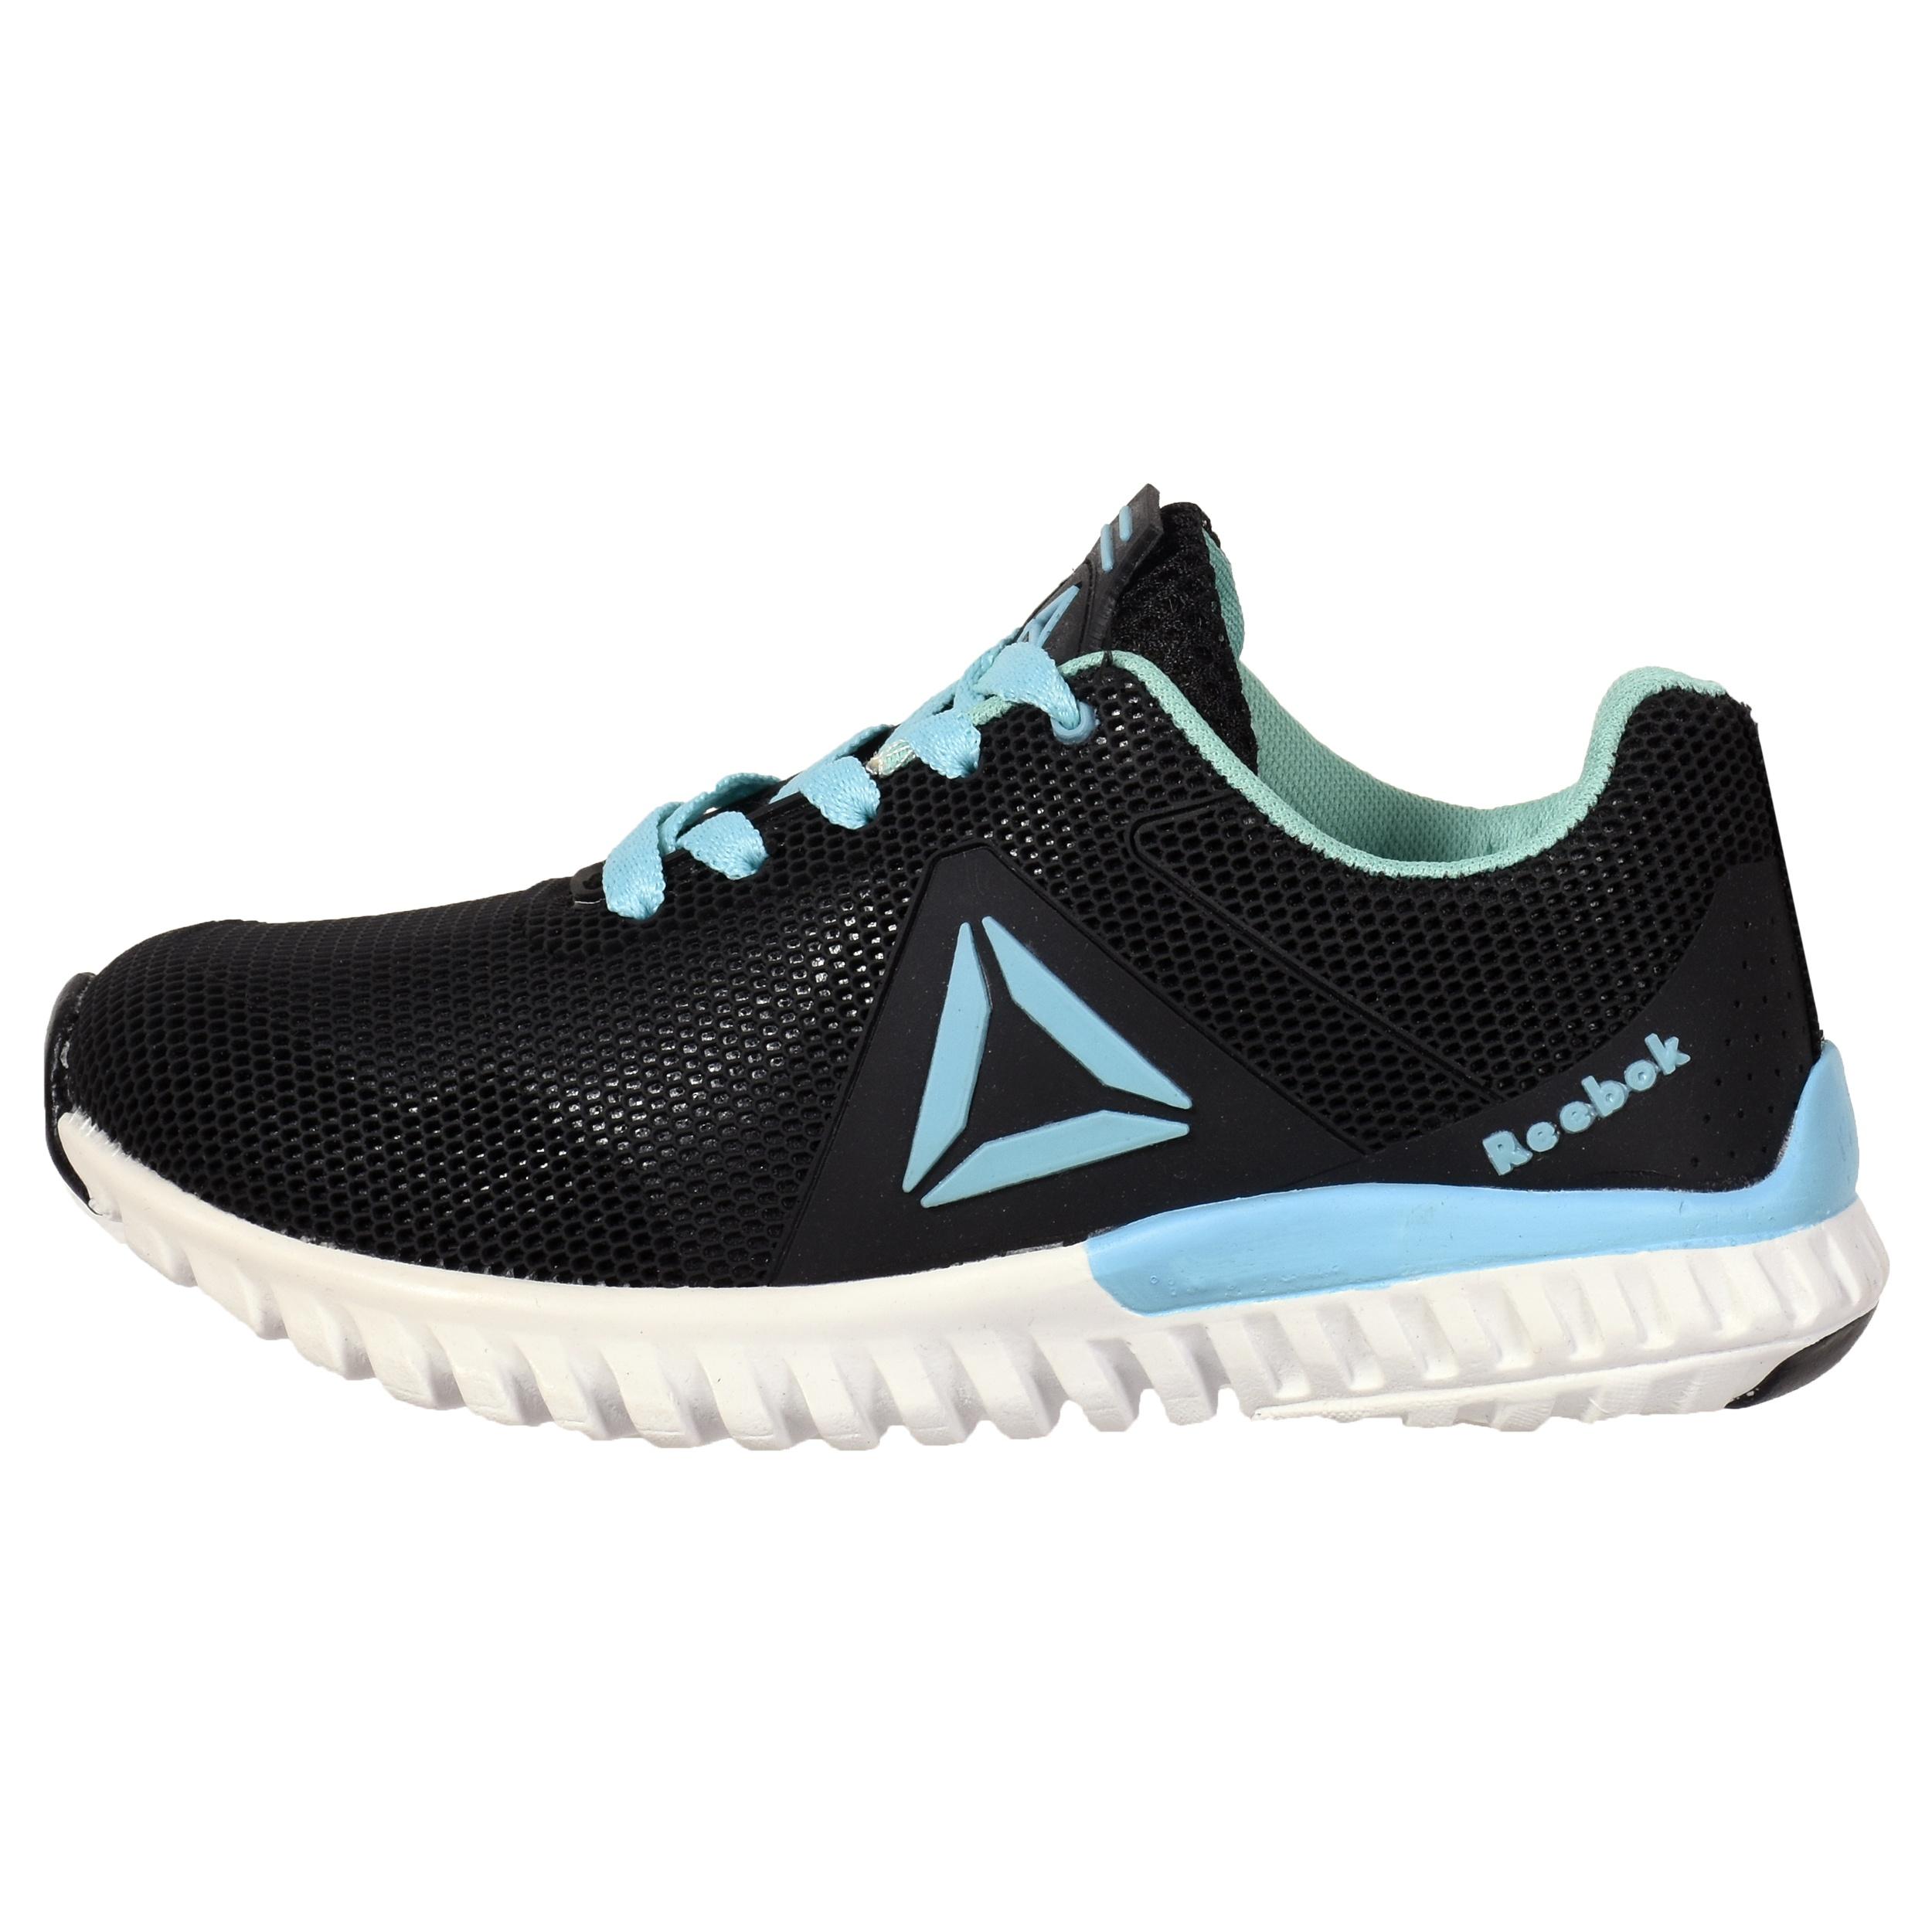 کفش مخصوص پیاده روی زنانه کد 1-1396151